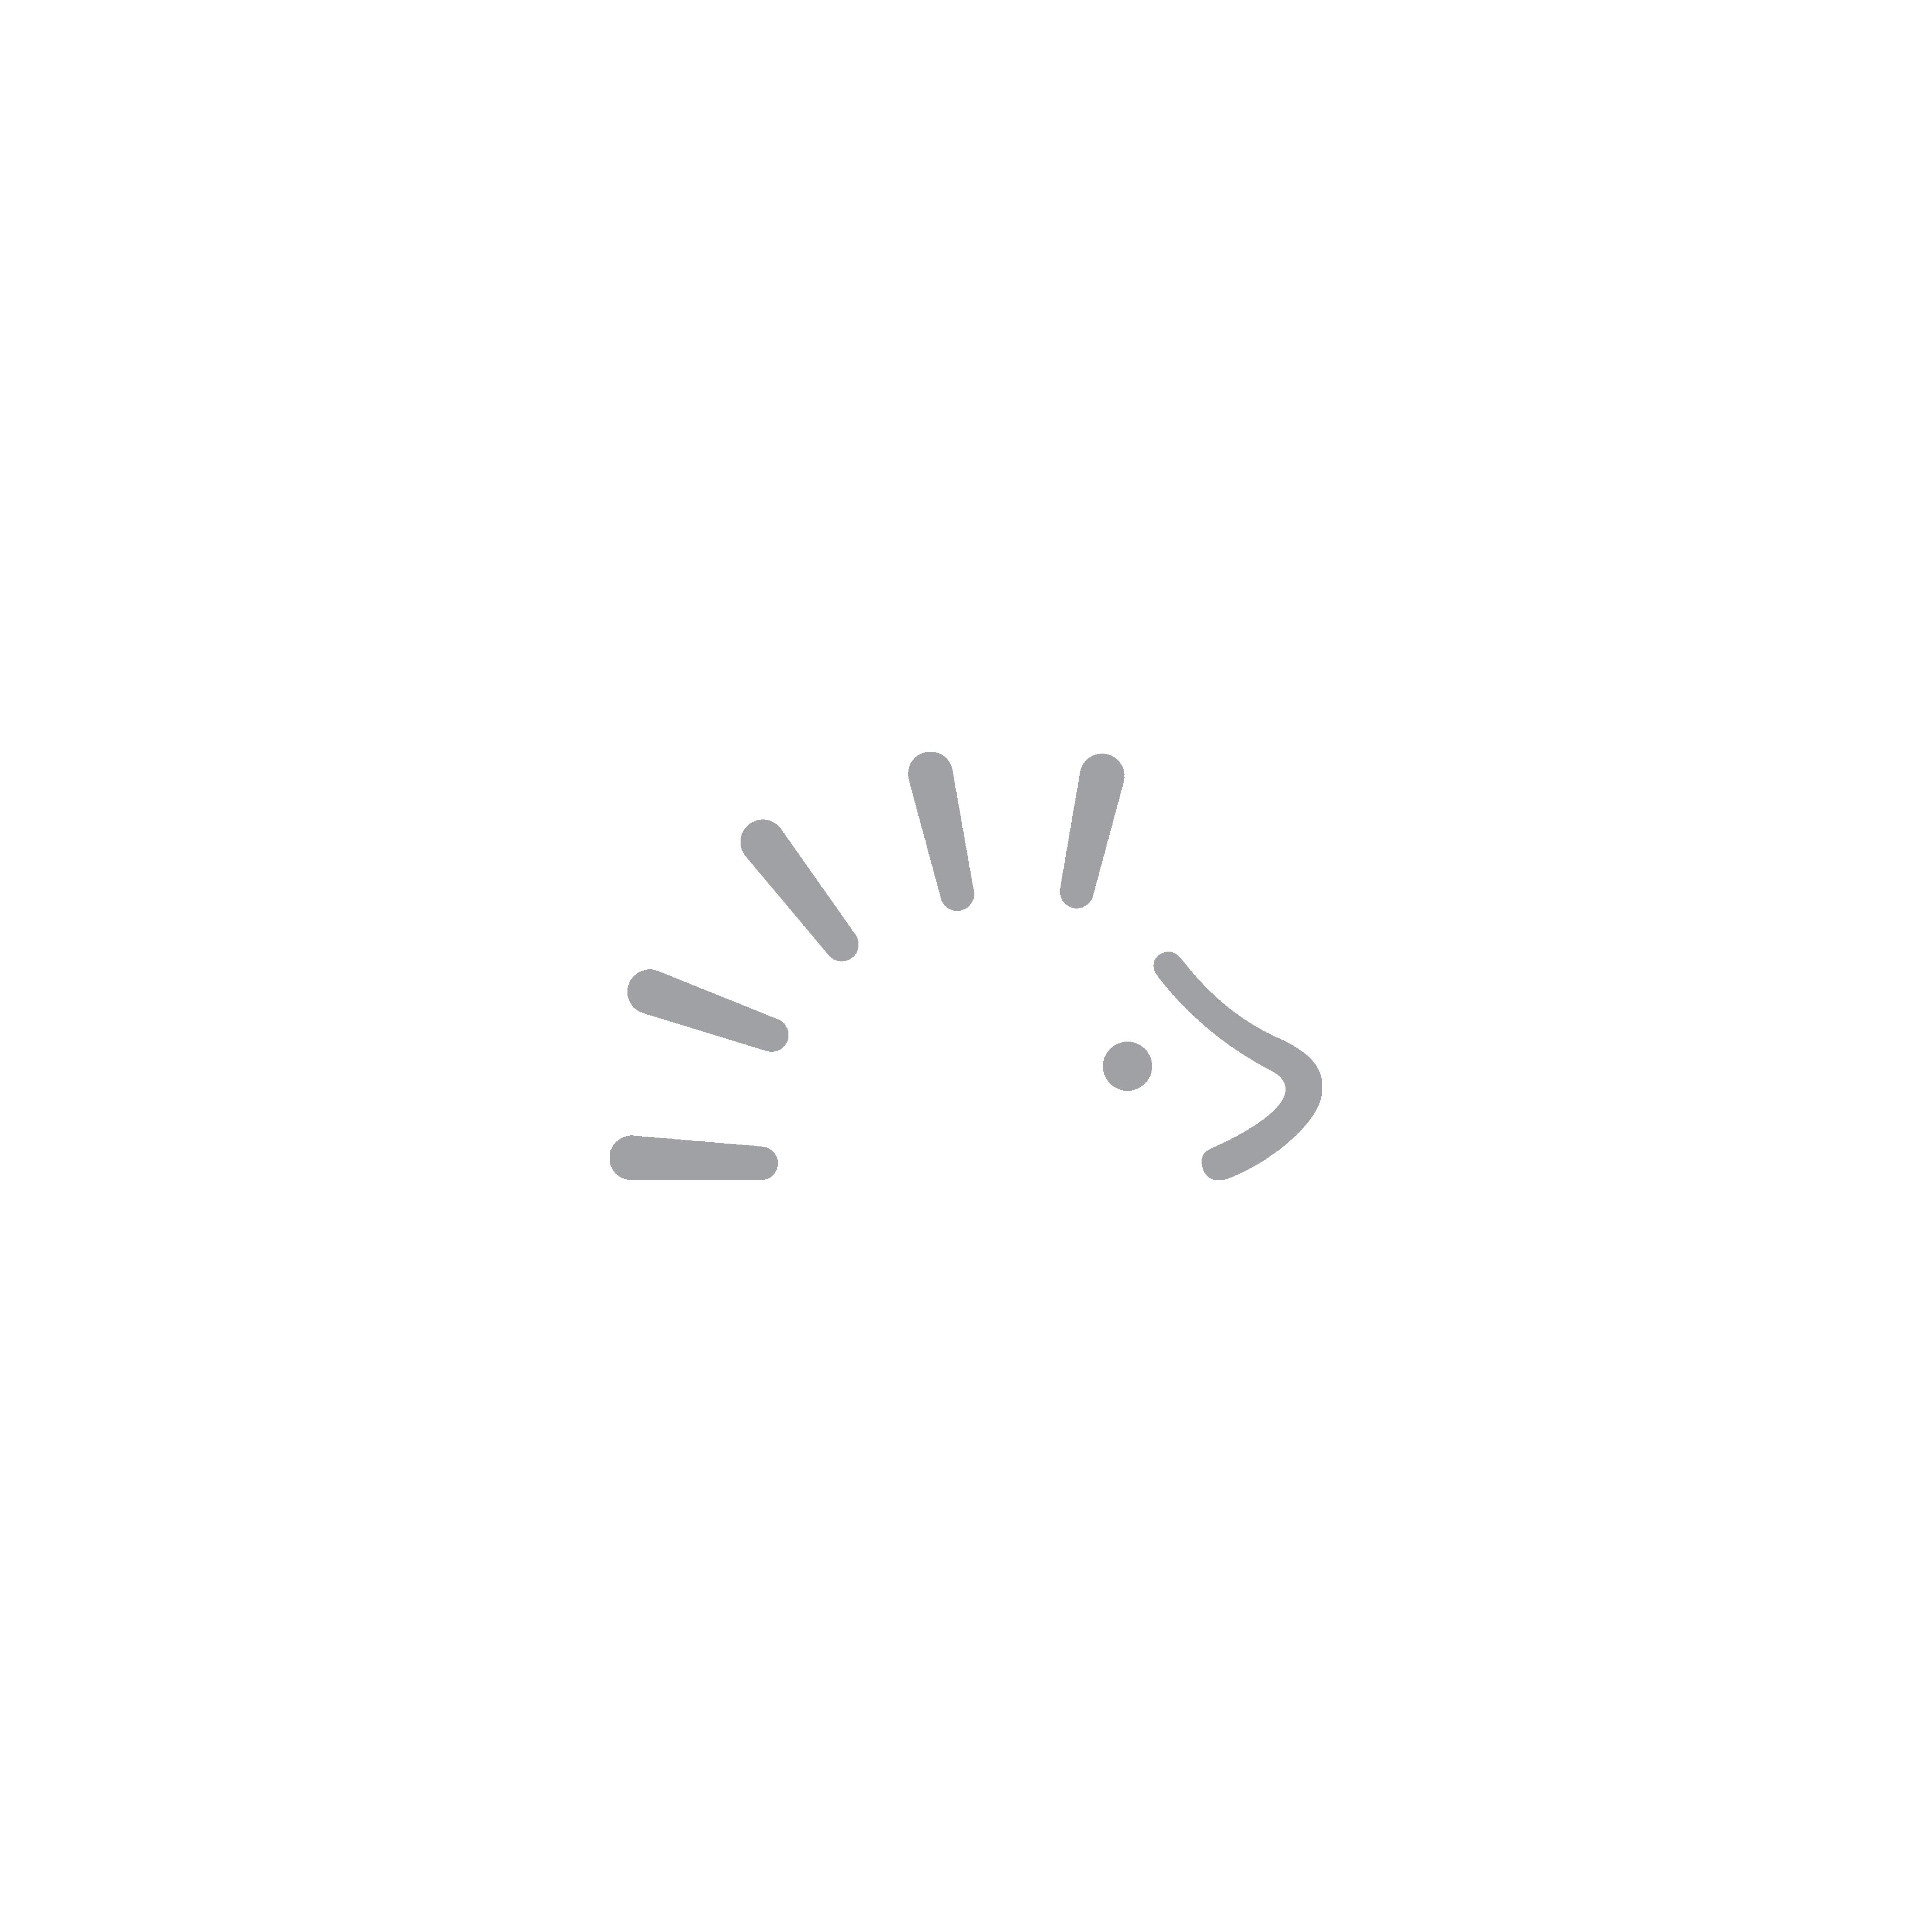 ULRICH Waschmittel flüssig 5 l